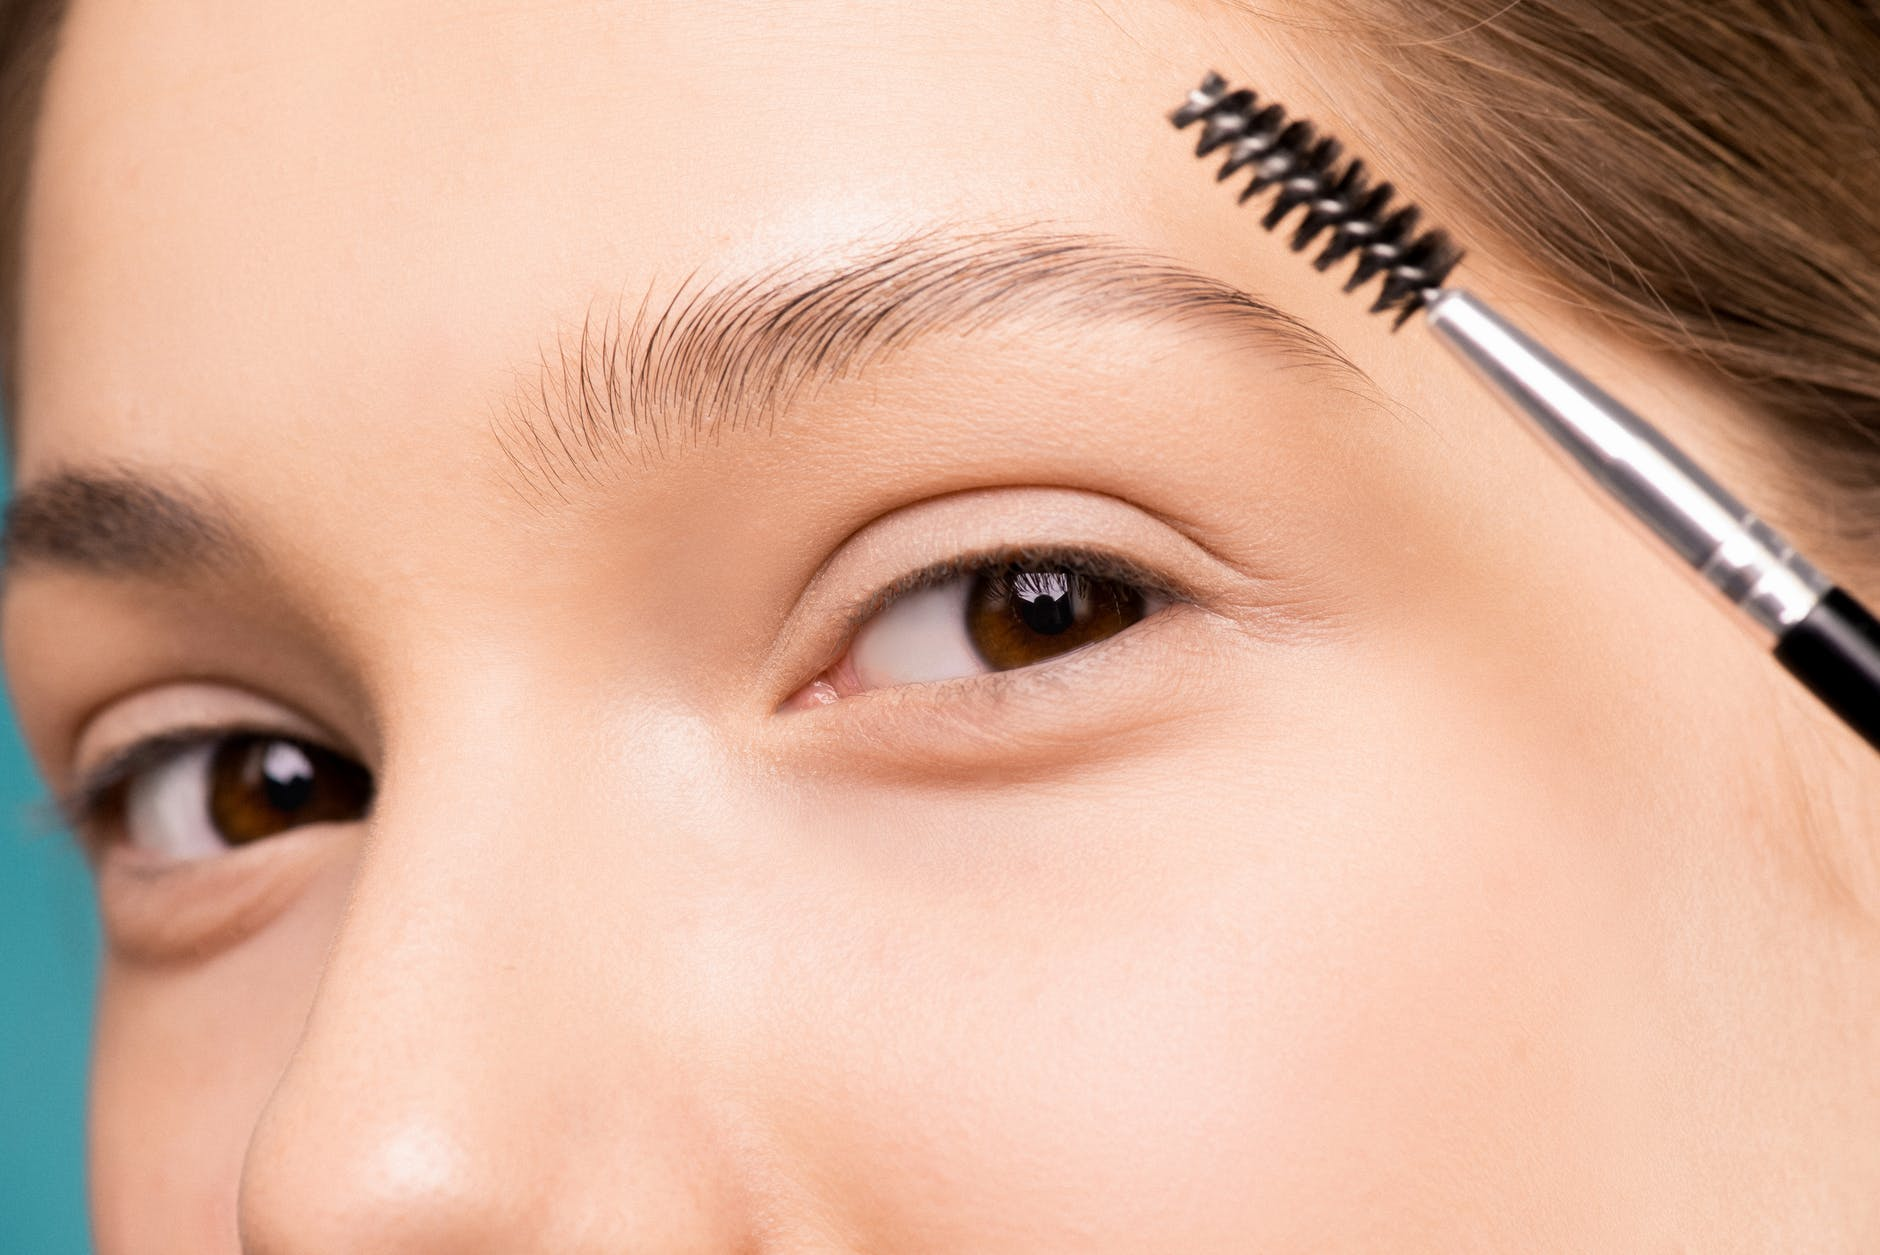 TN beauté : Apprenez à choisir la forme de sourcils qui vous va le plus !